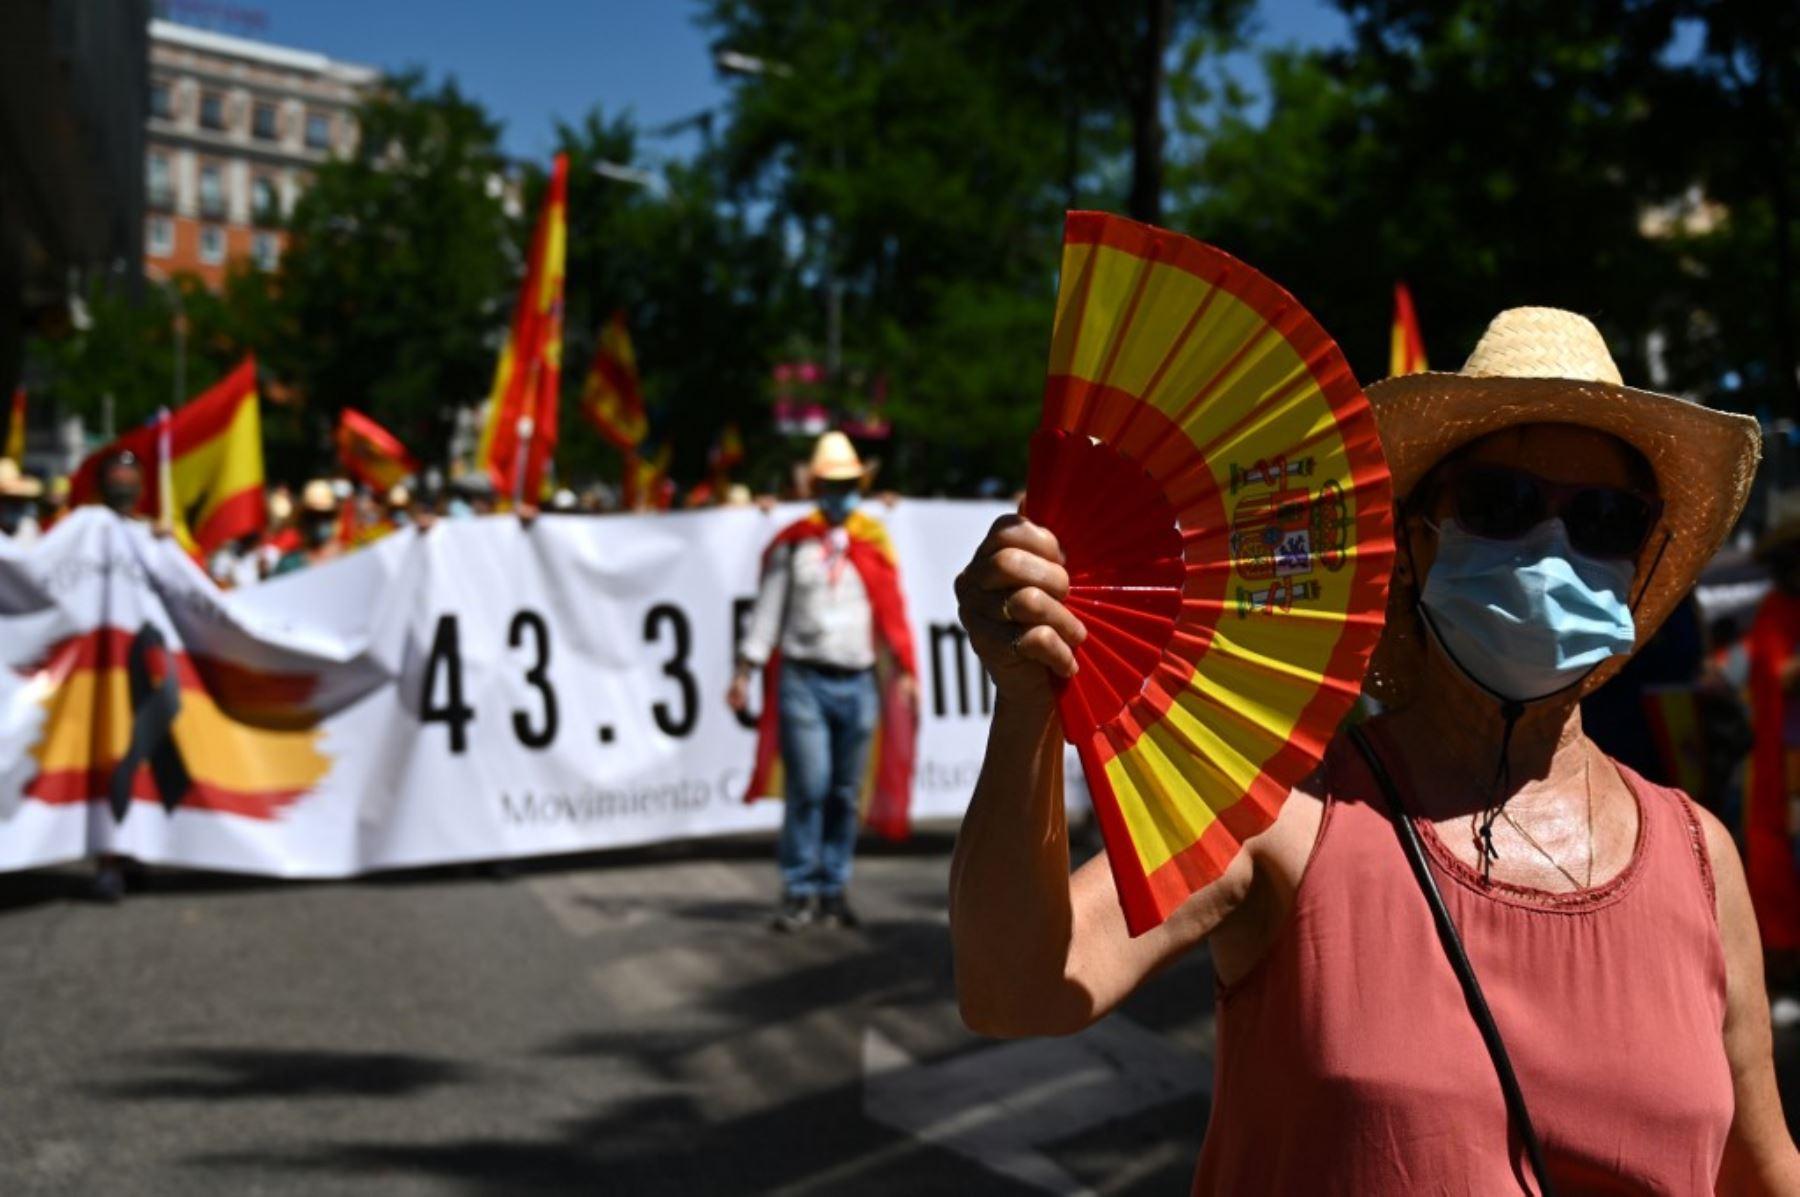 Los manifestantes marchan durante una manifestación en Madrid el 27 de junio de 2020 para pedir la renuncia del primer ministro y contra la gestión del gobierno de la crisis de salud debido al nuevo coronavirus. Foto: AFP